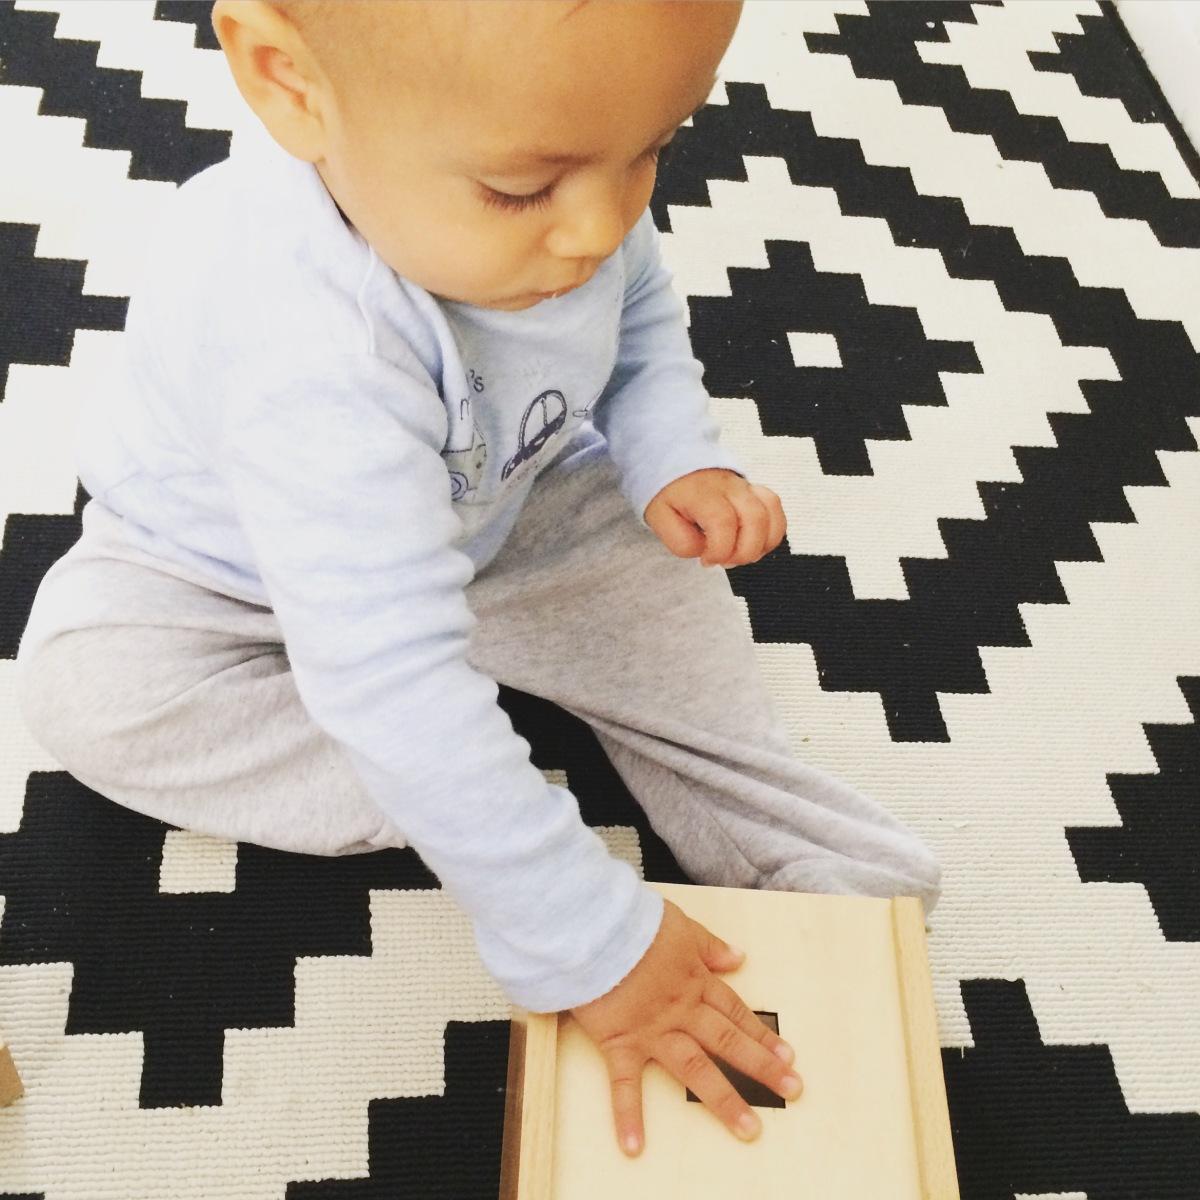 Premières manipulations de matériel Montessori à 6/12 mois